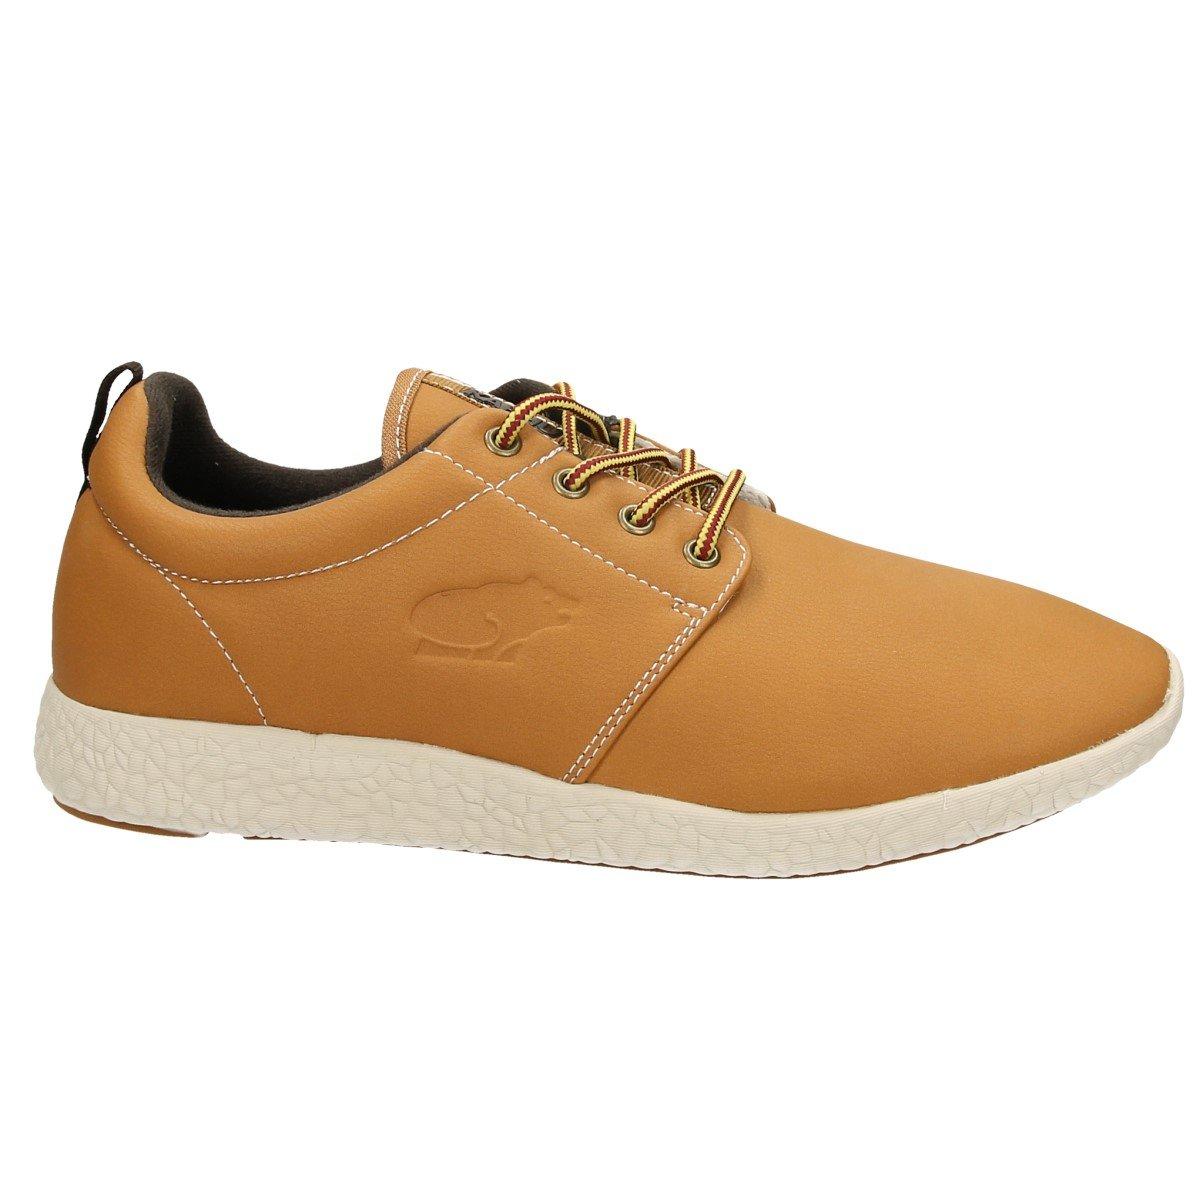 025419b132 KARHU Herren Turnschuhe braun Braun , nrcgbj1554-Sneaker - www ...